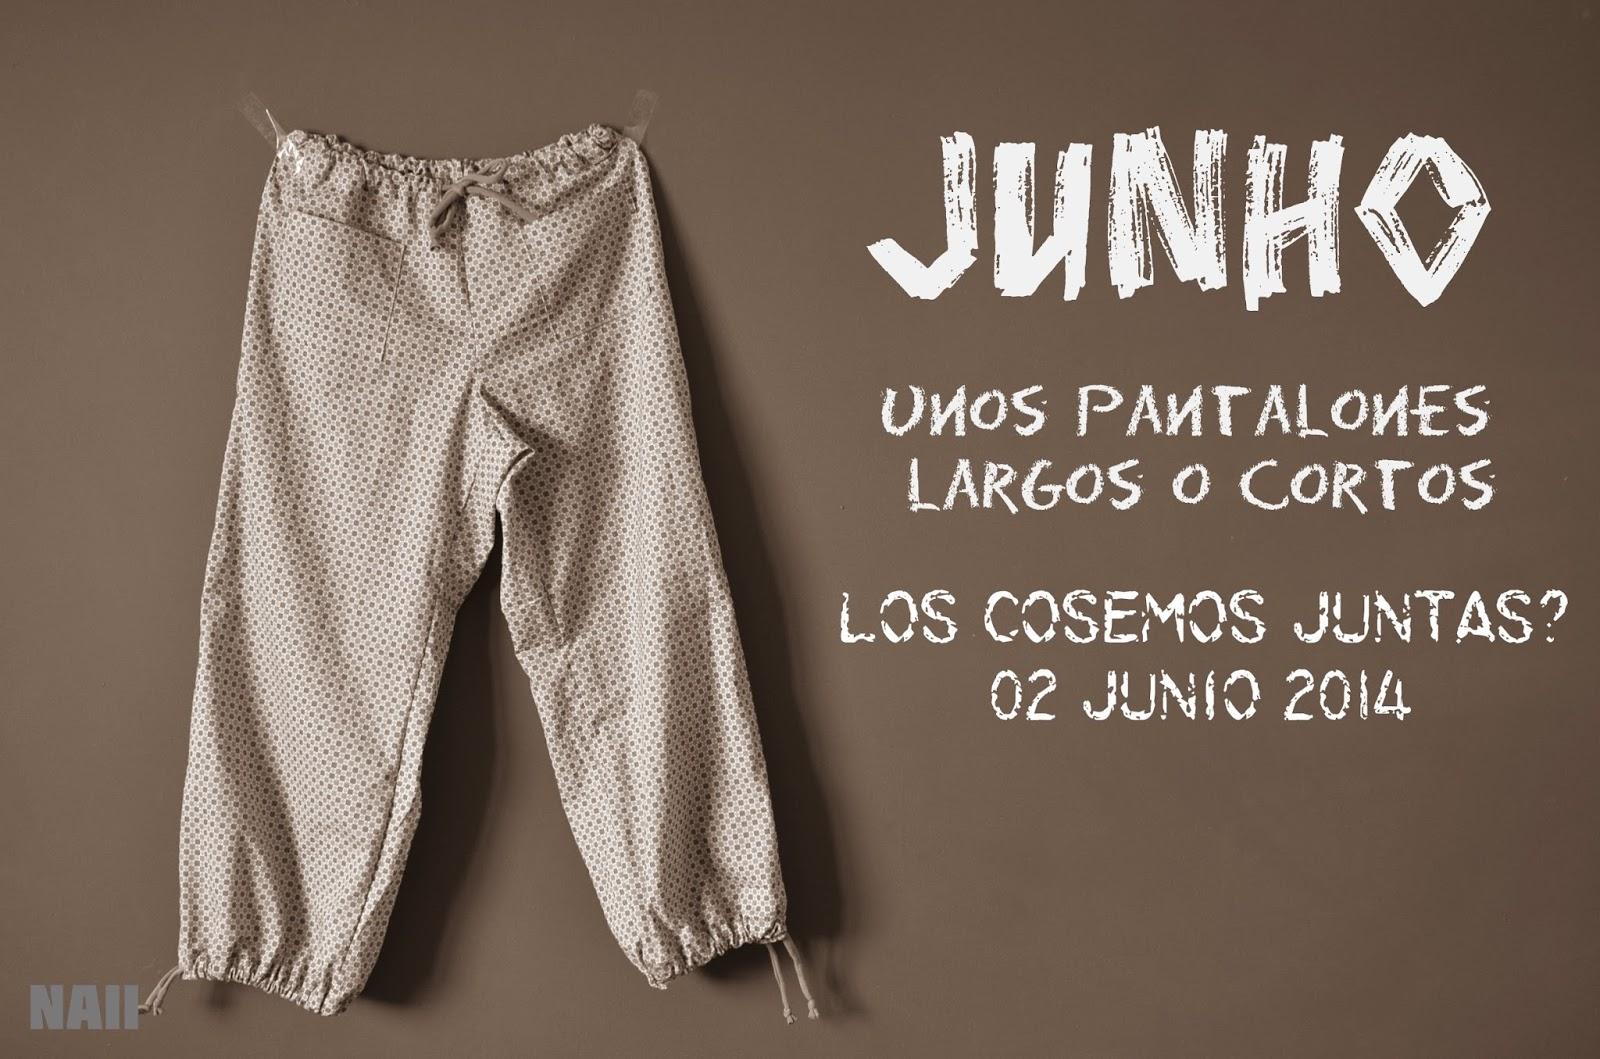 Cosemos juntas los Pantalones Junho